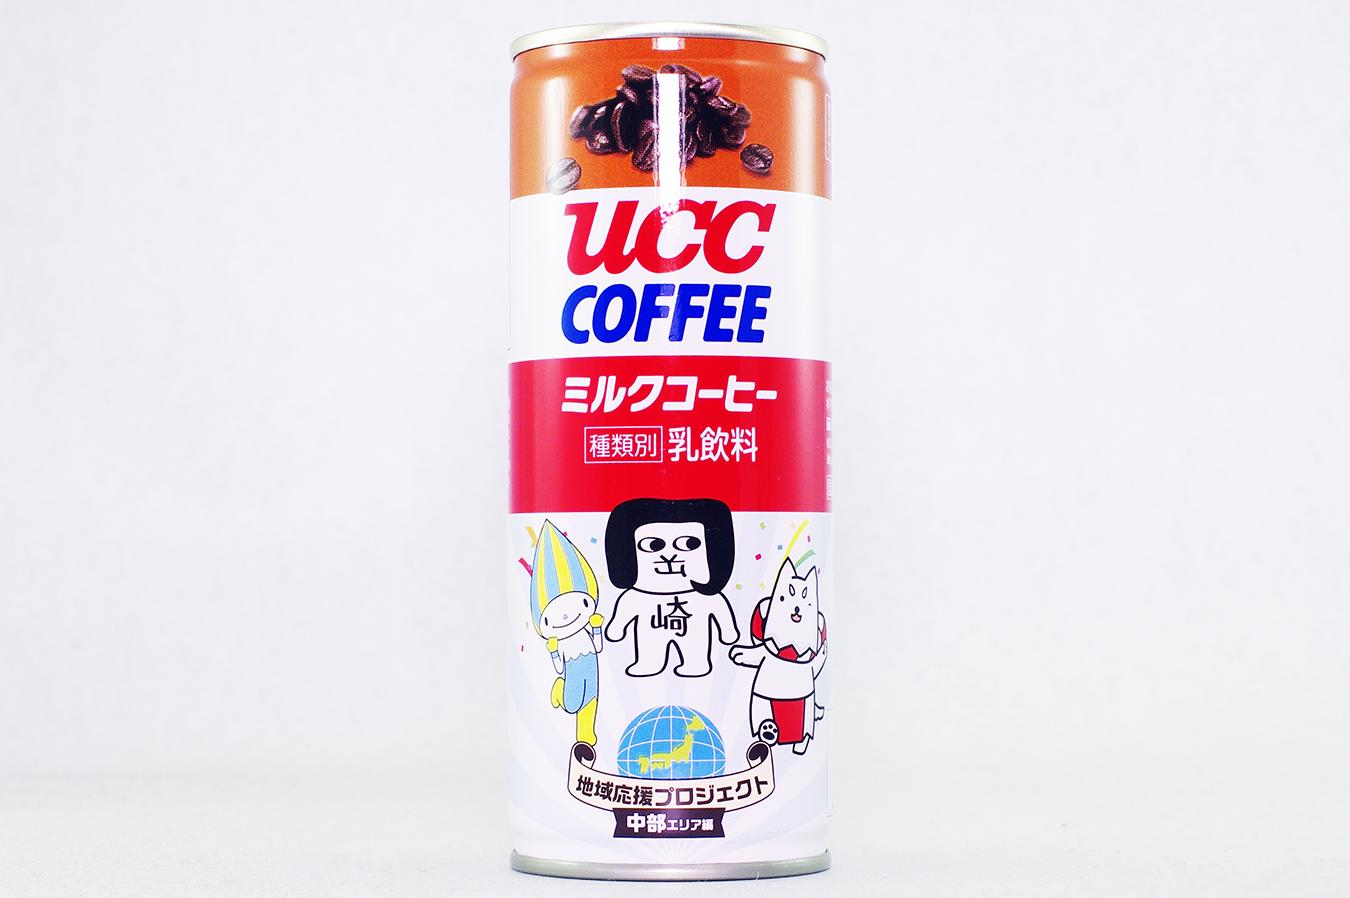 UCC ミルクコーヒー ご当地キャラ缶 中部エリア編 2018年9月